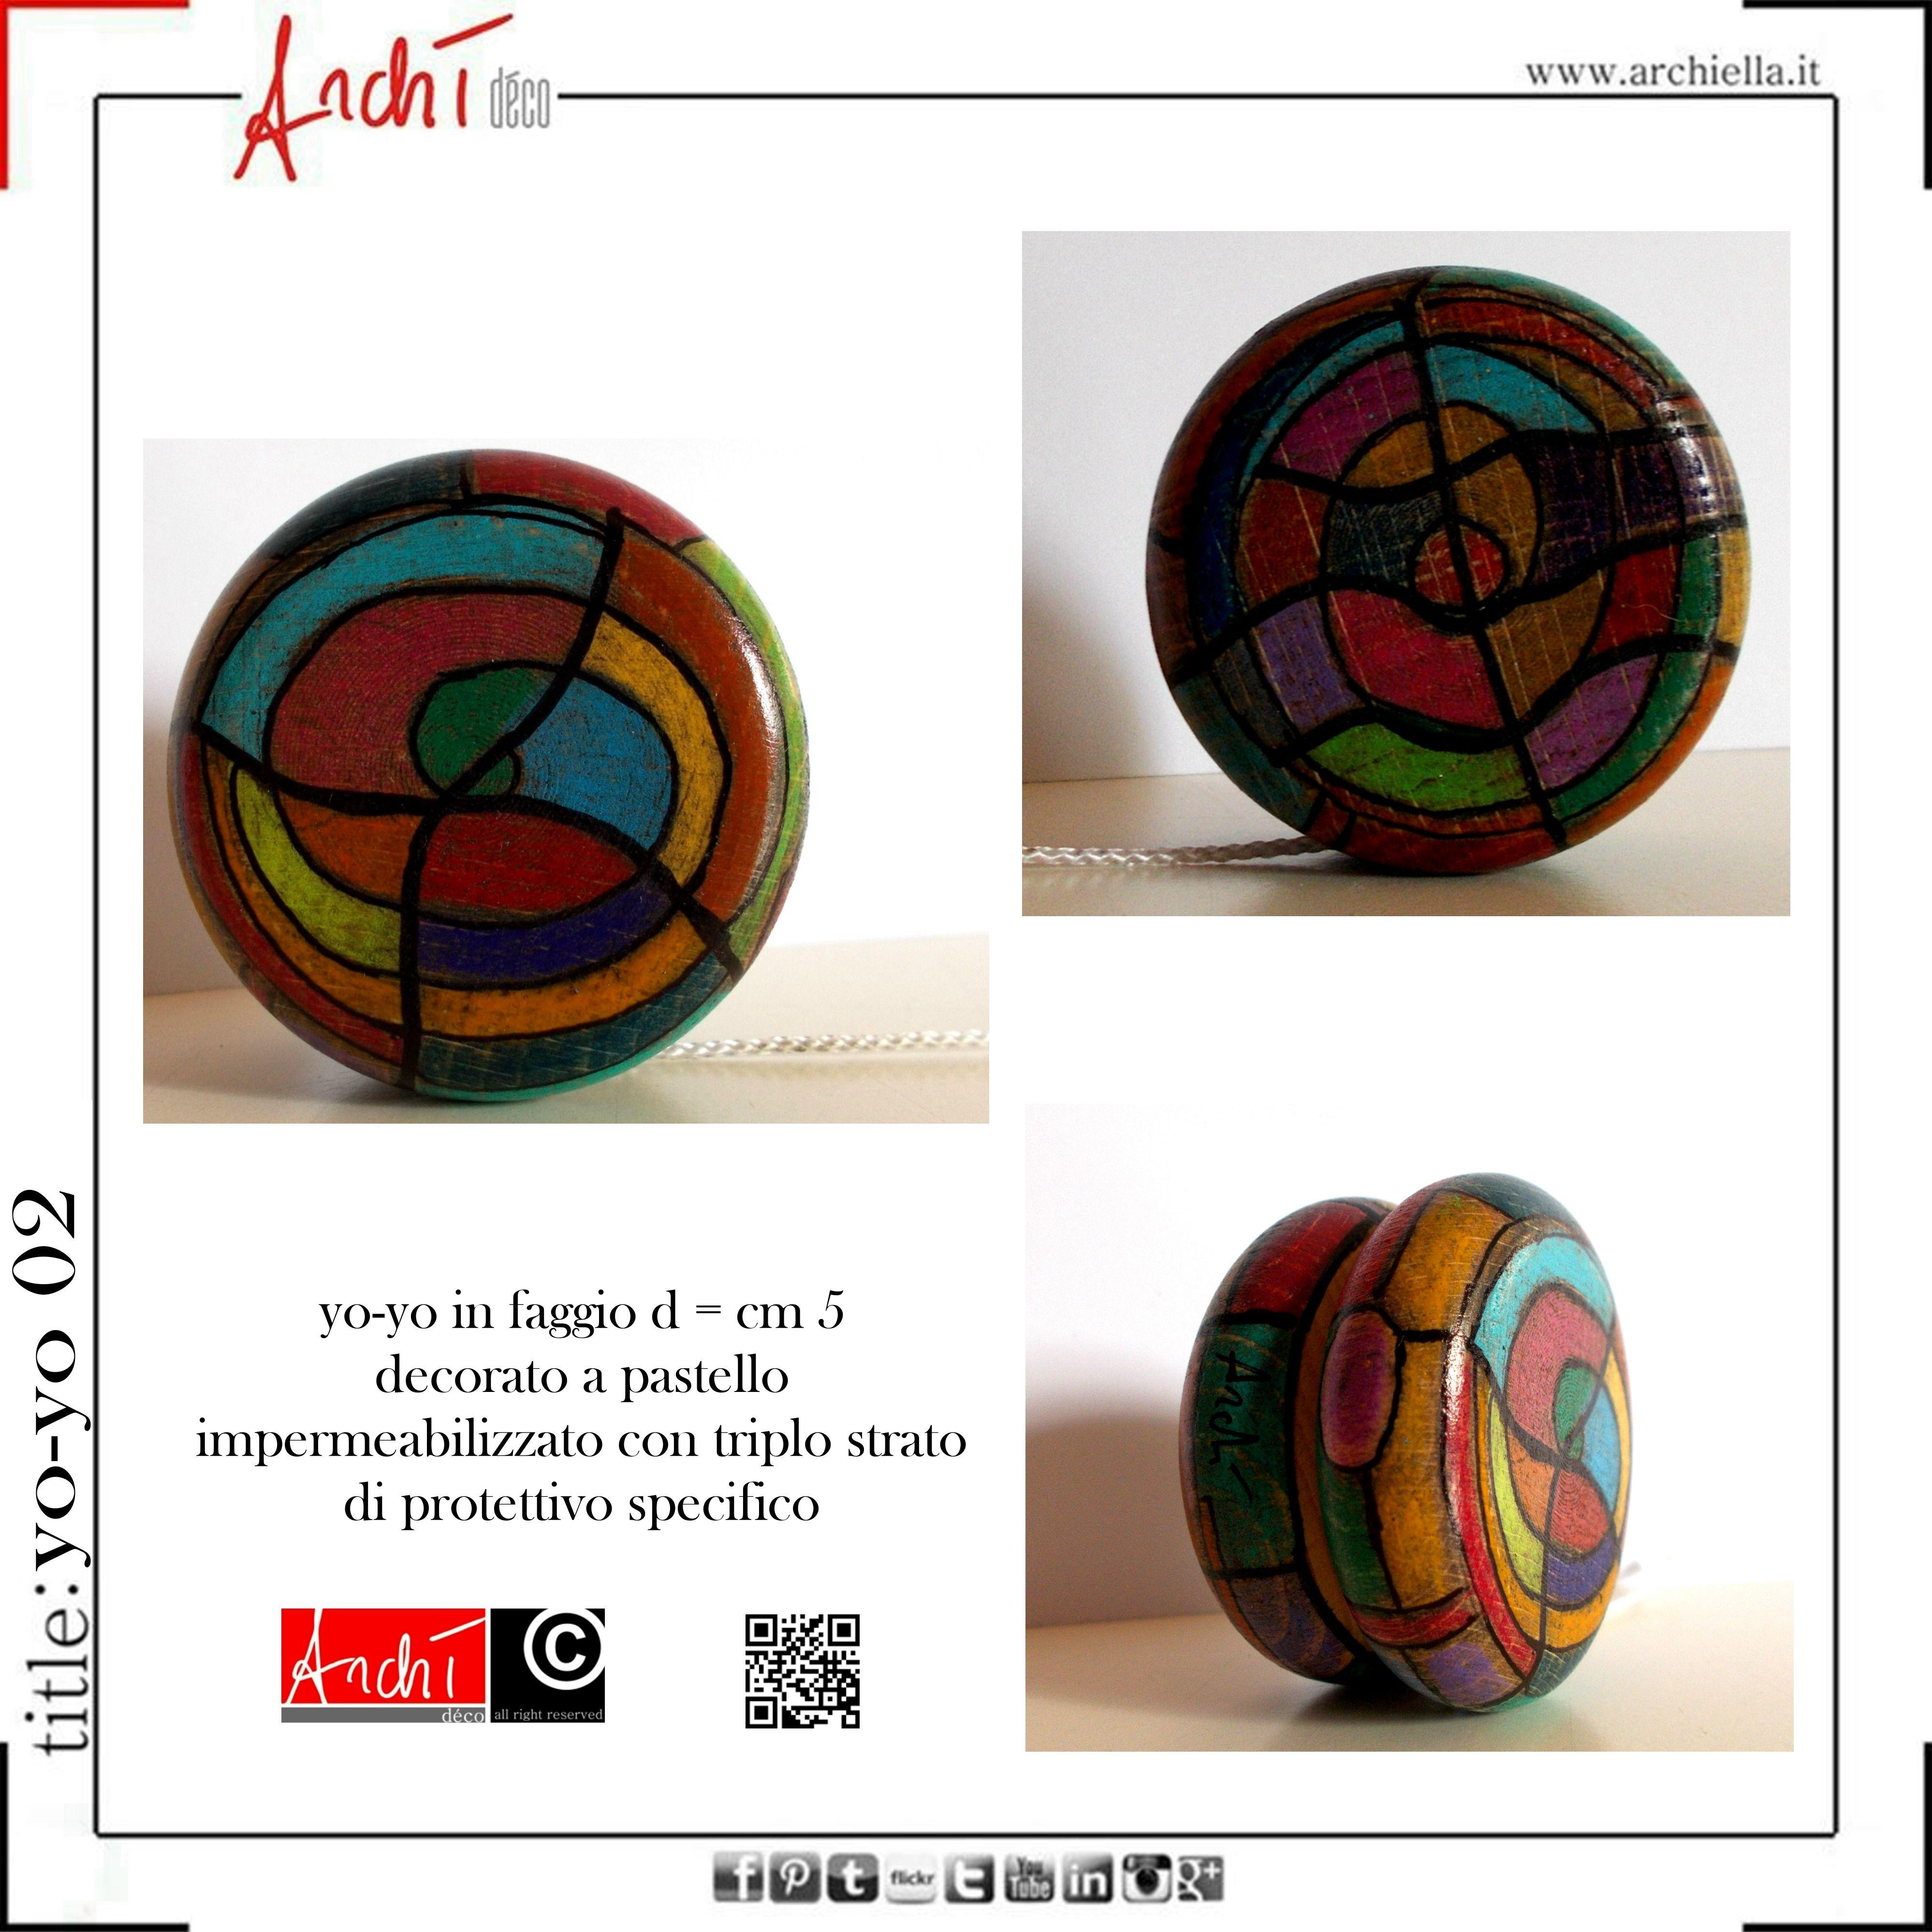 Yo-yo in faggio decorato a pastello yo-yo de bois décoré par les crayons